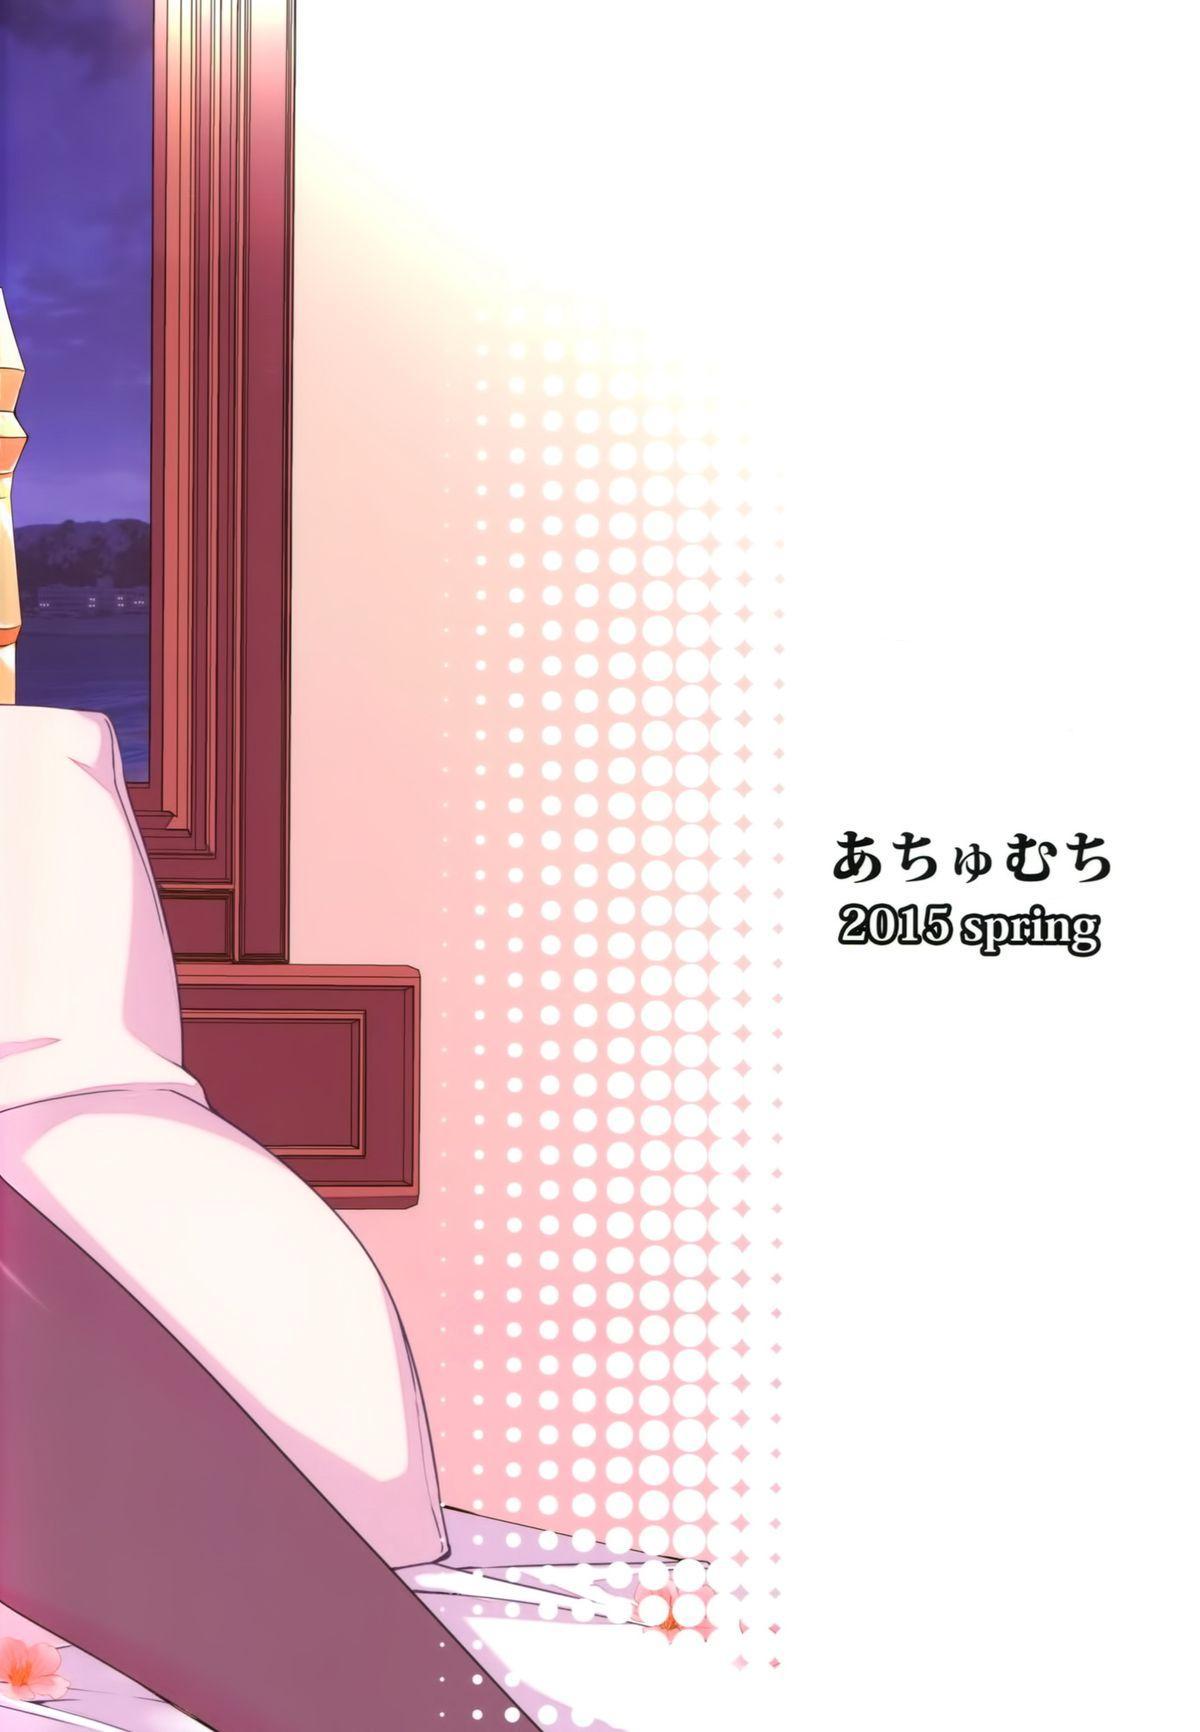 Tanetsuke Renshuukan Katori 25